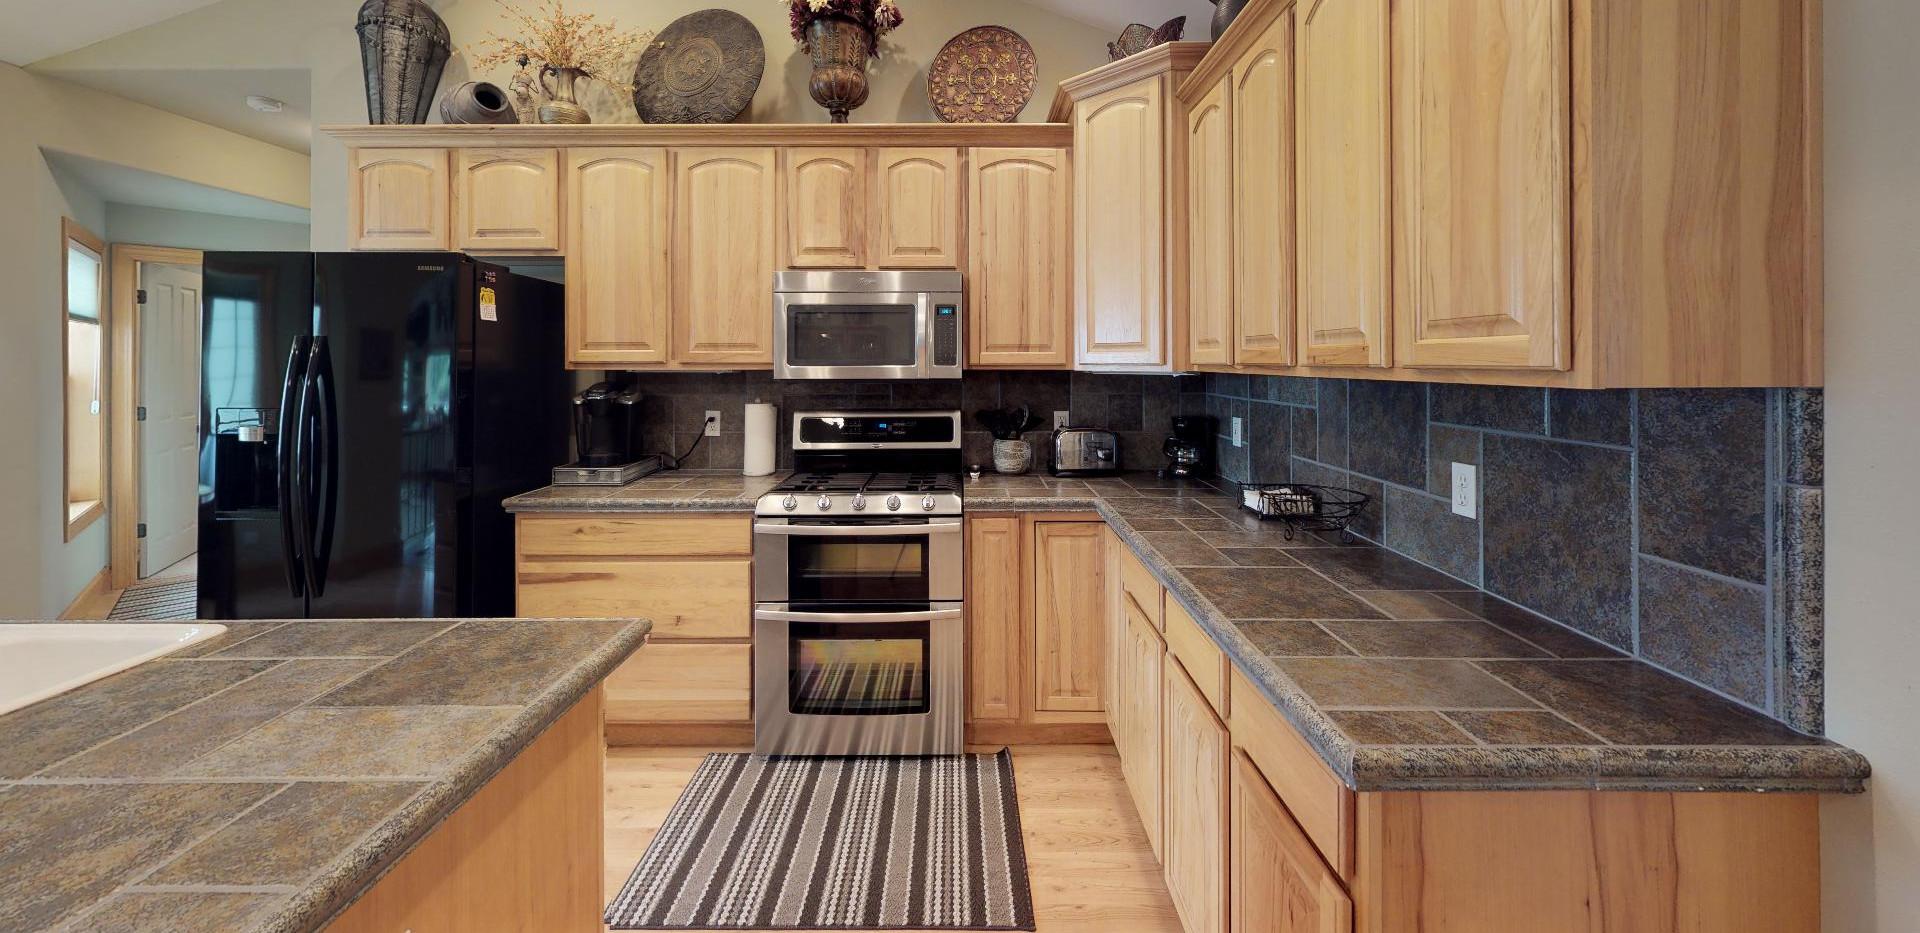 KFr8RyMwd2q - Kitchen.jpg